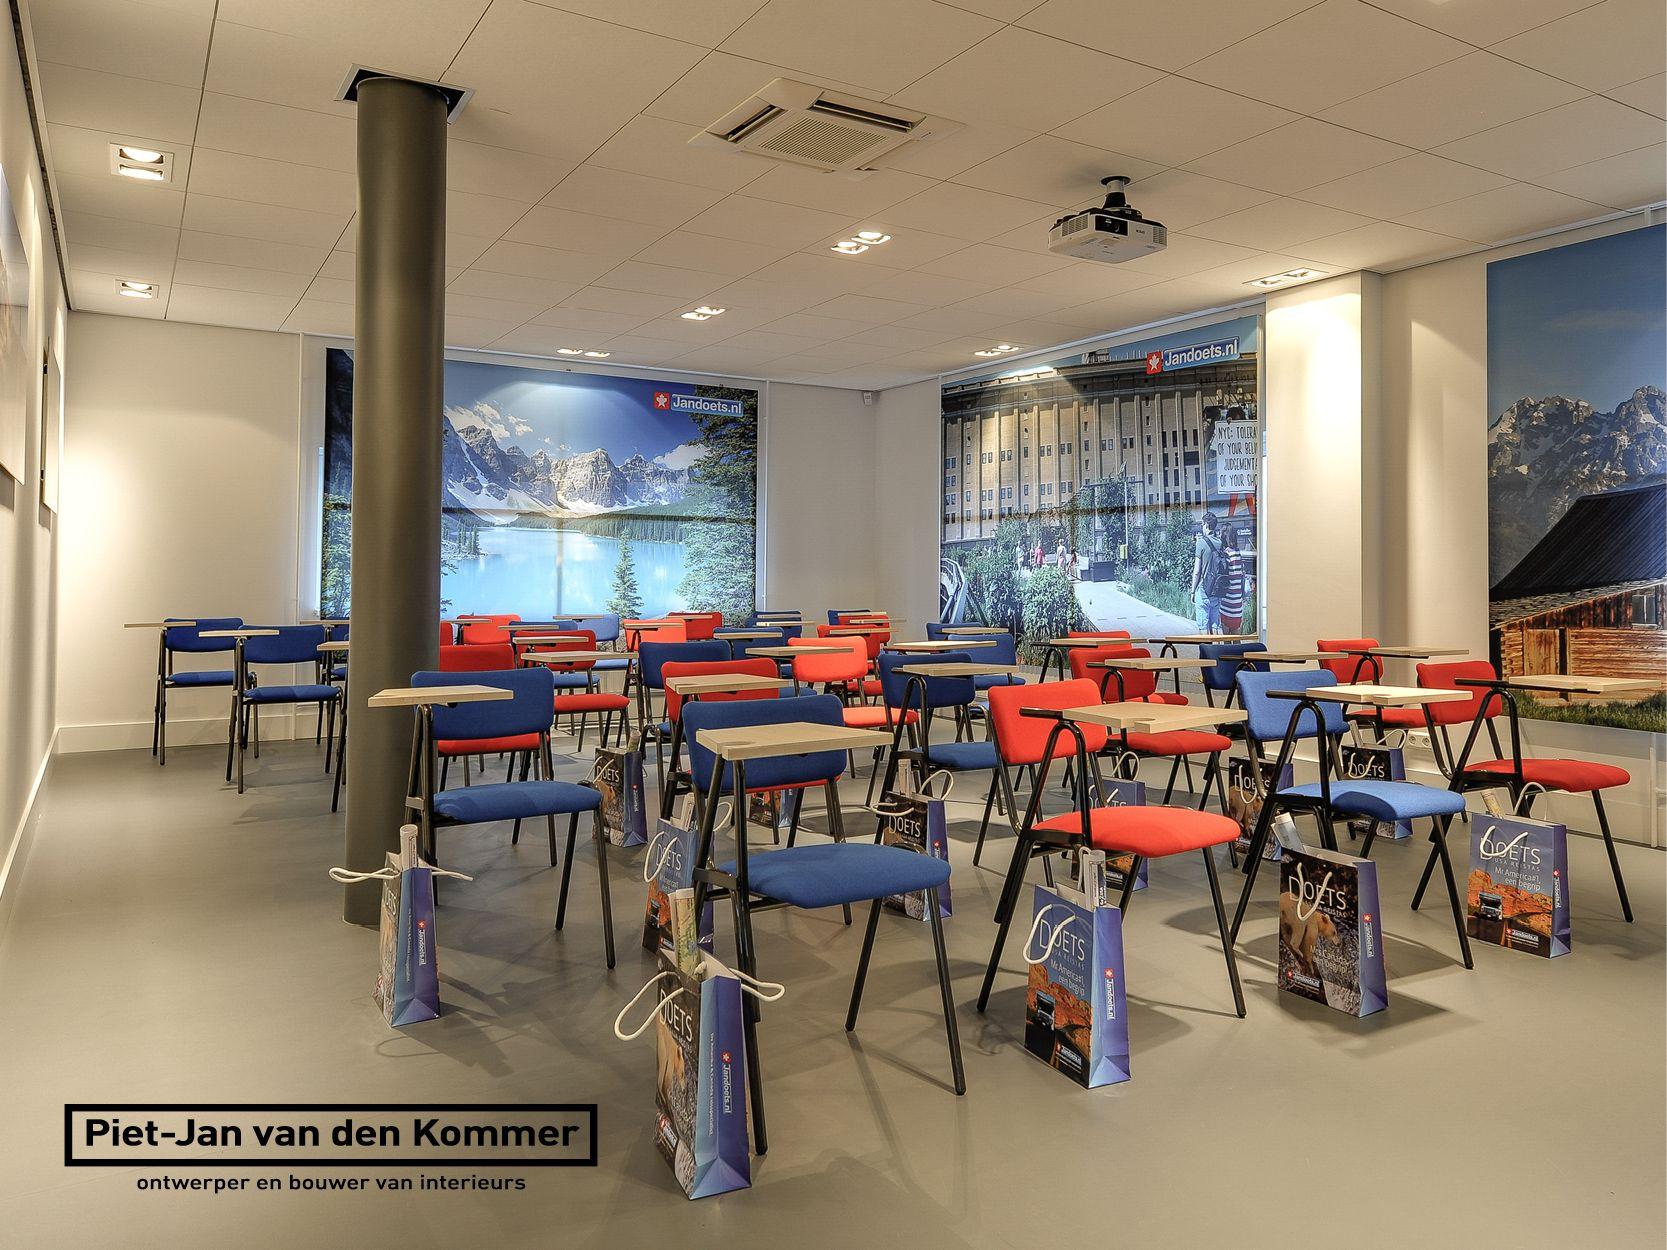 Piet-Jan van den Kommer | www.vandenkommer.nl